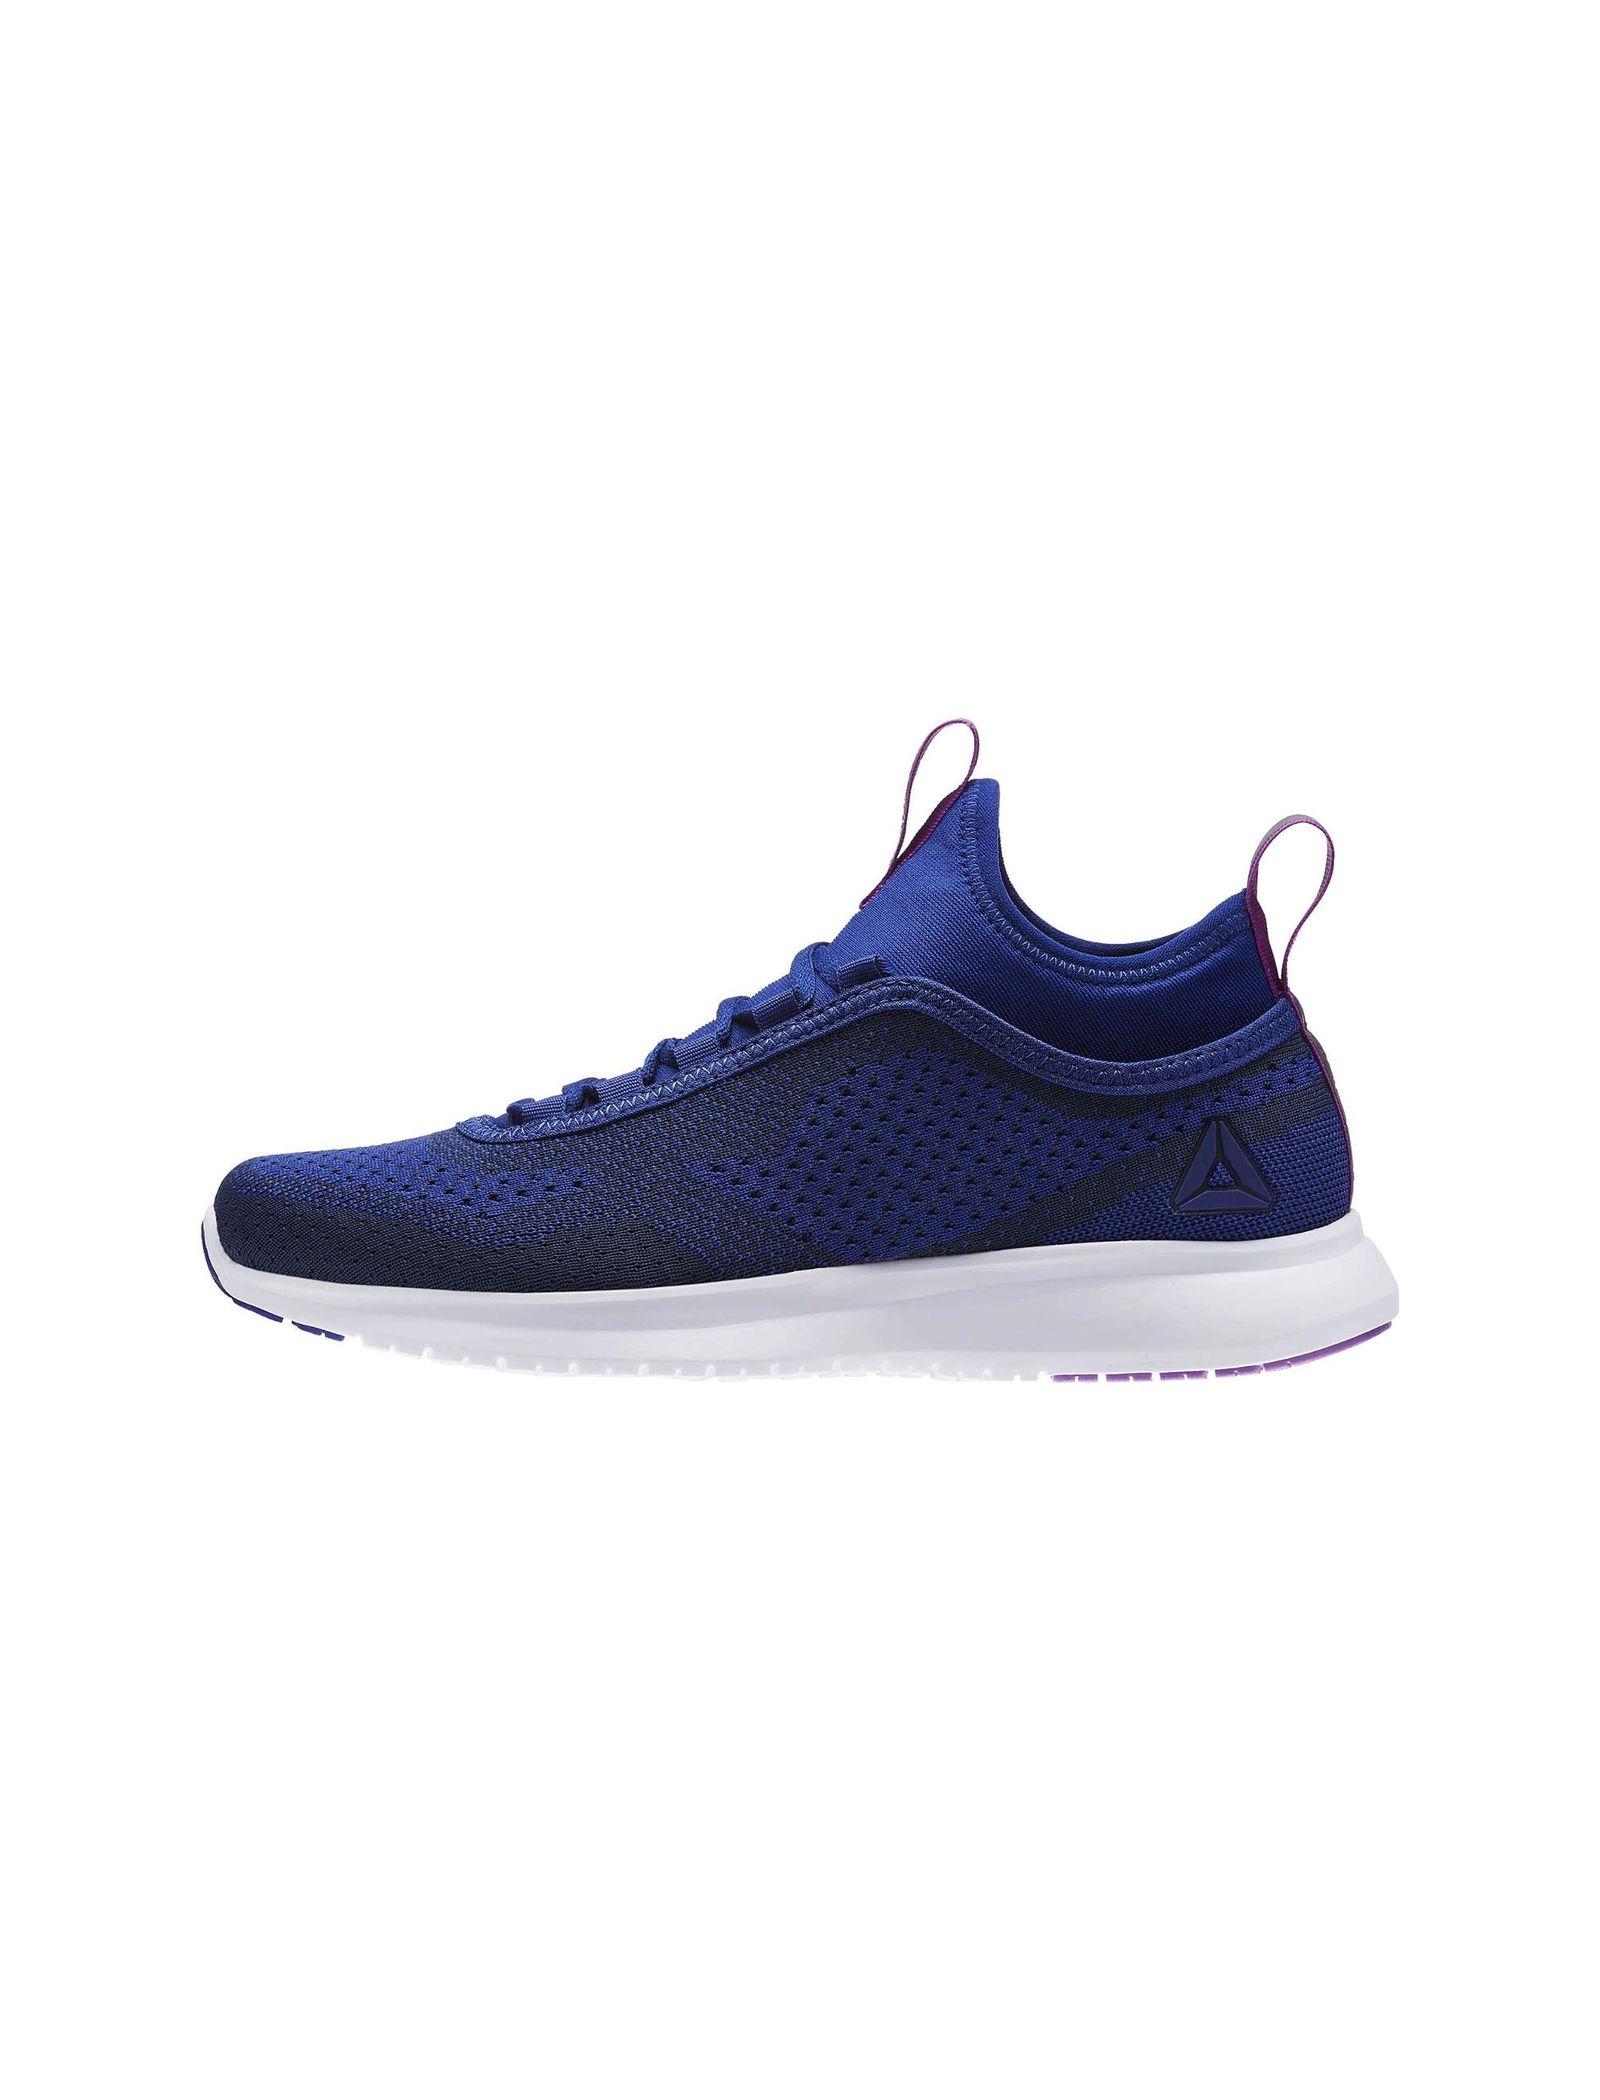 کفش دویدن بندی زنانه Plus Runner Ultraknit - ریباک - آبي - 3